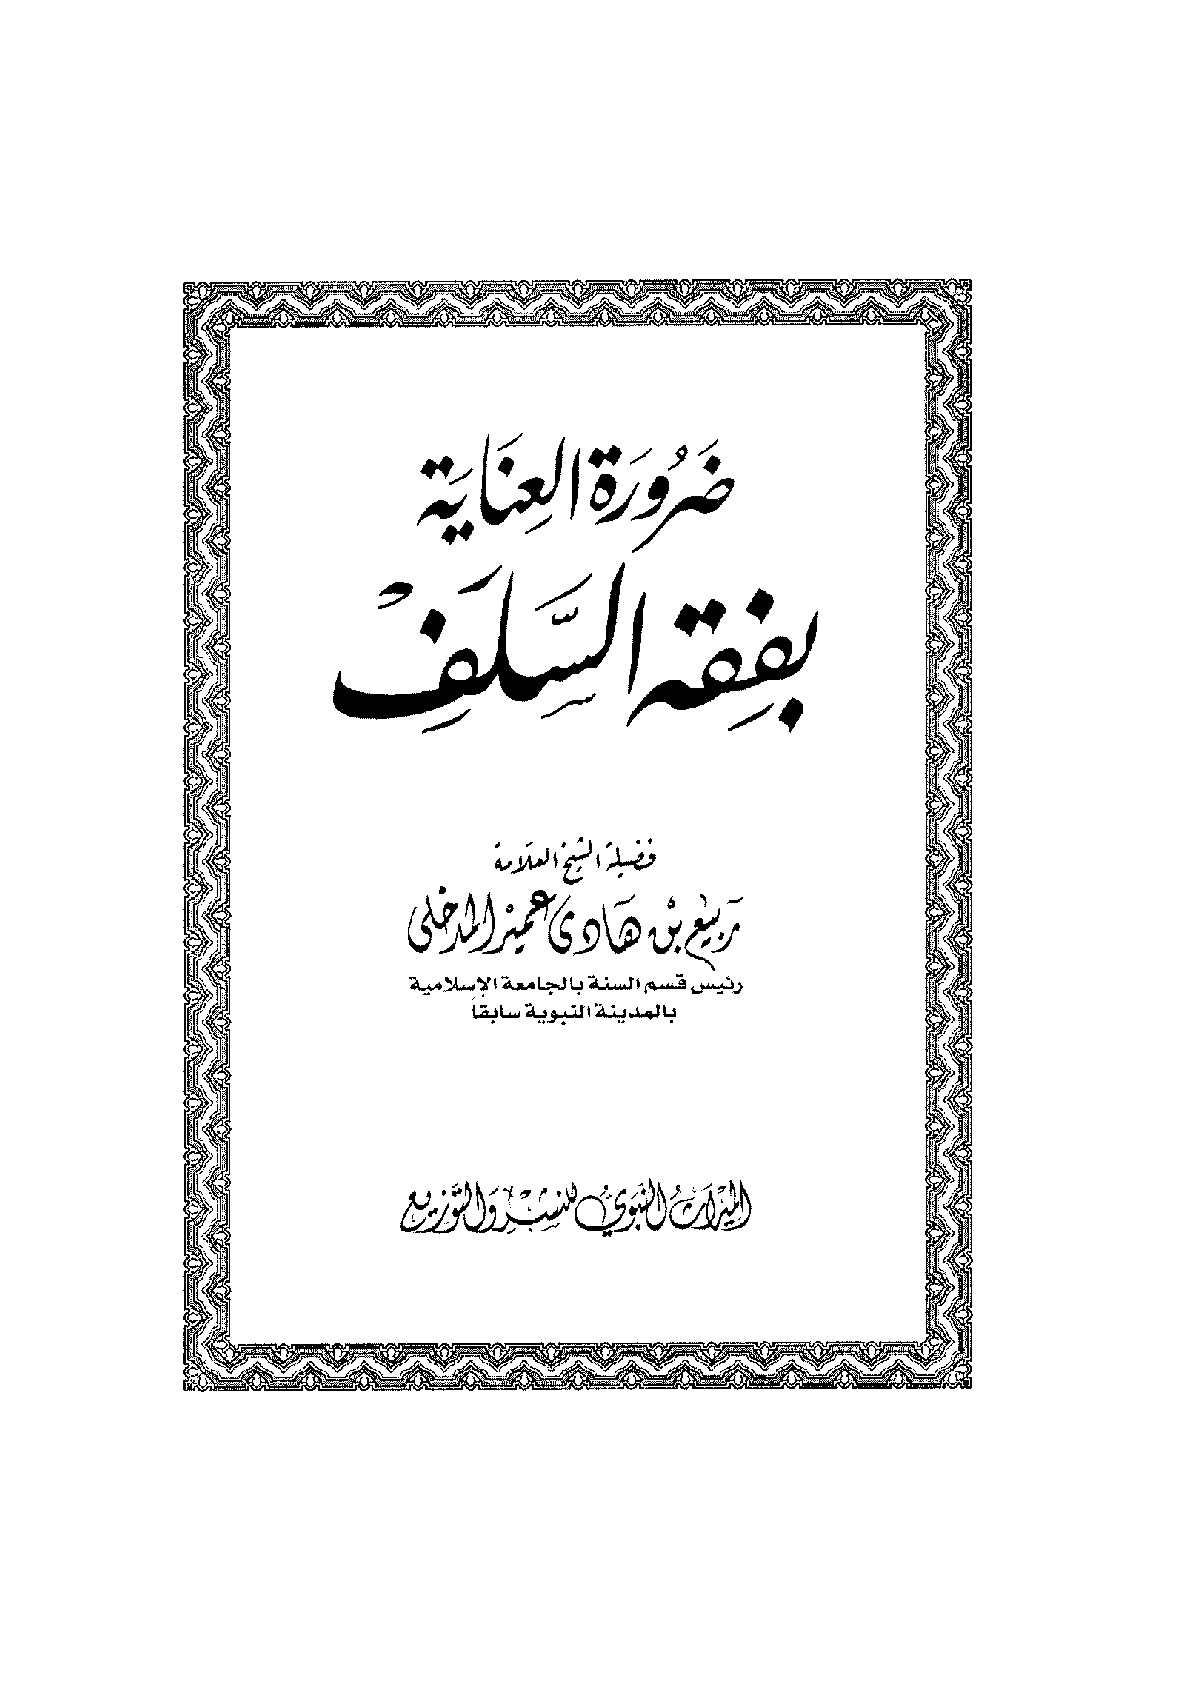 ضرورة العناية بفقه السلف للشيخ ربيع بن هادي المدخلي